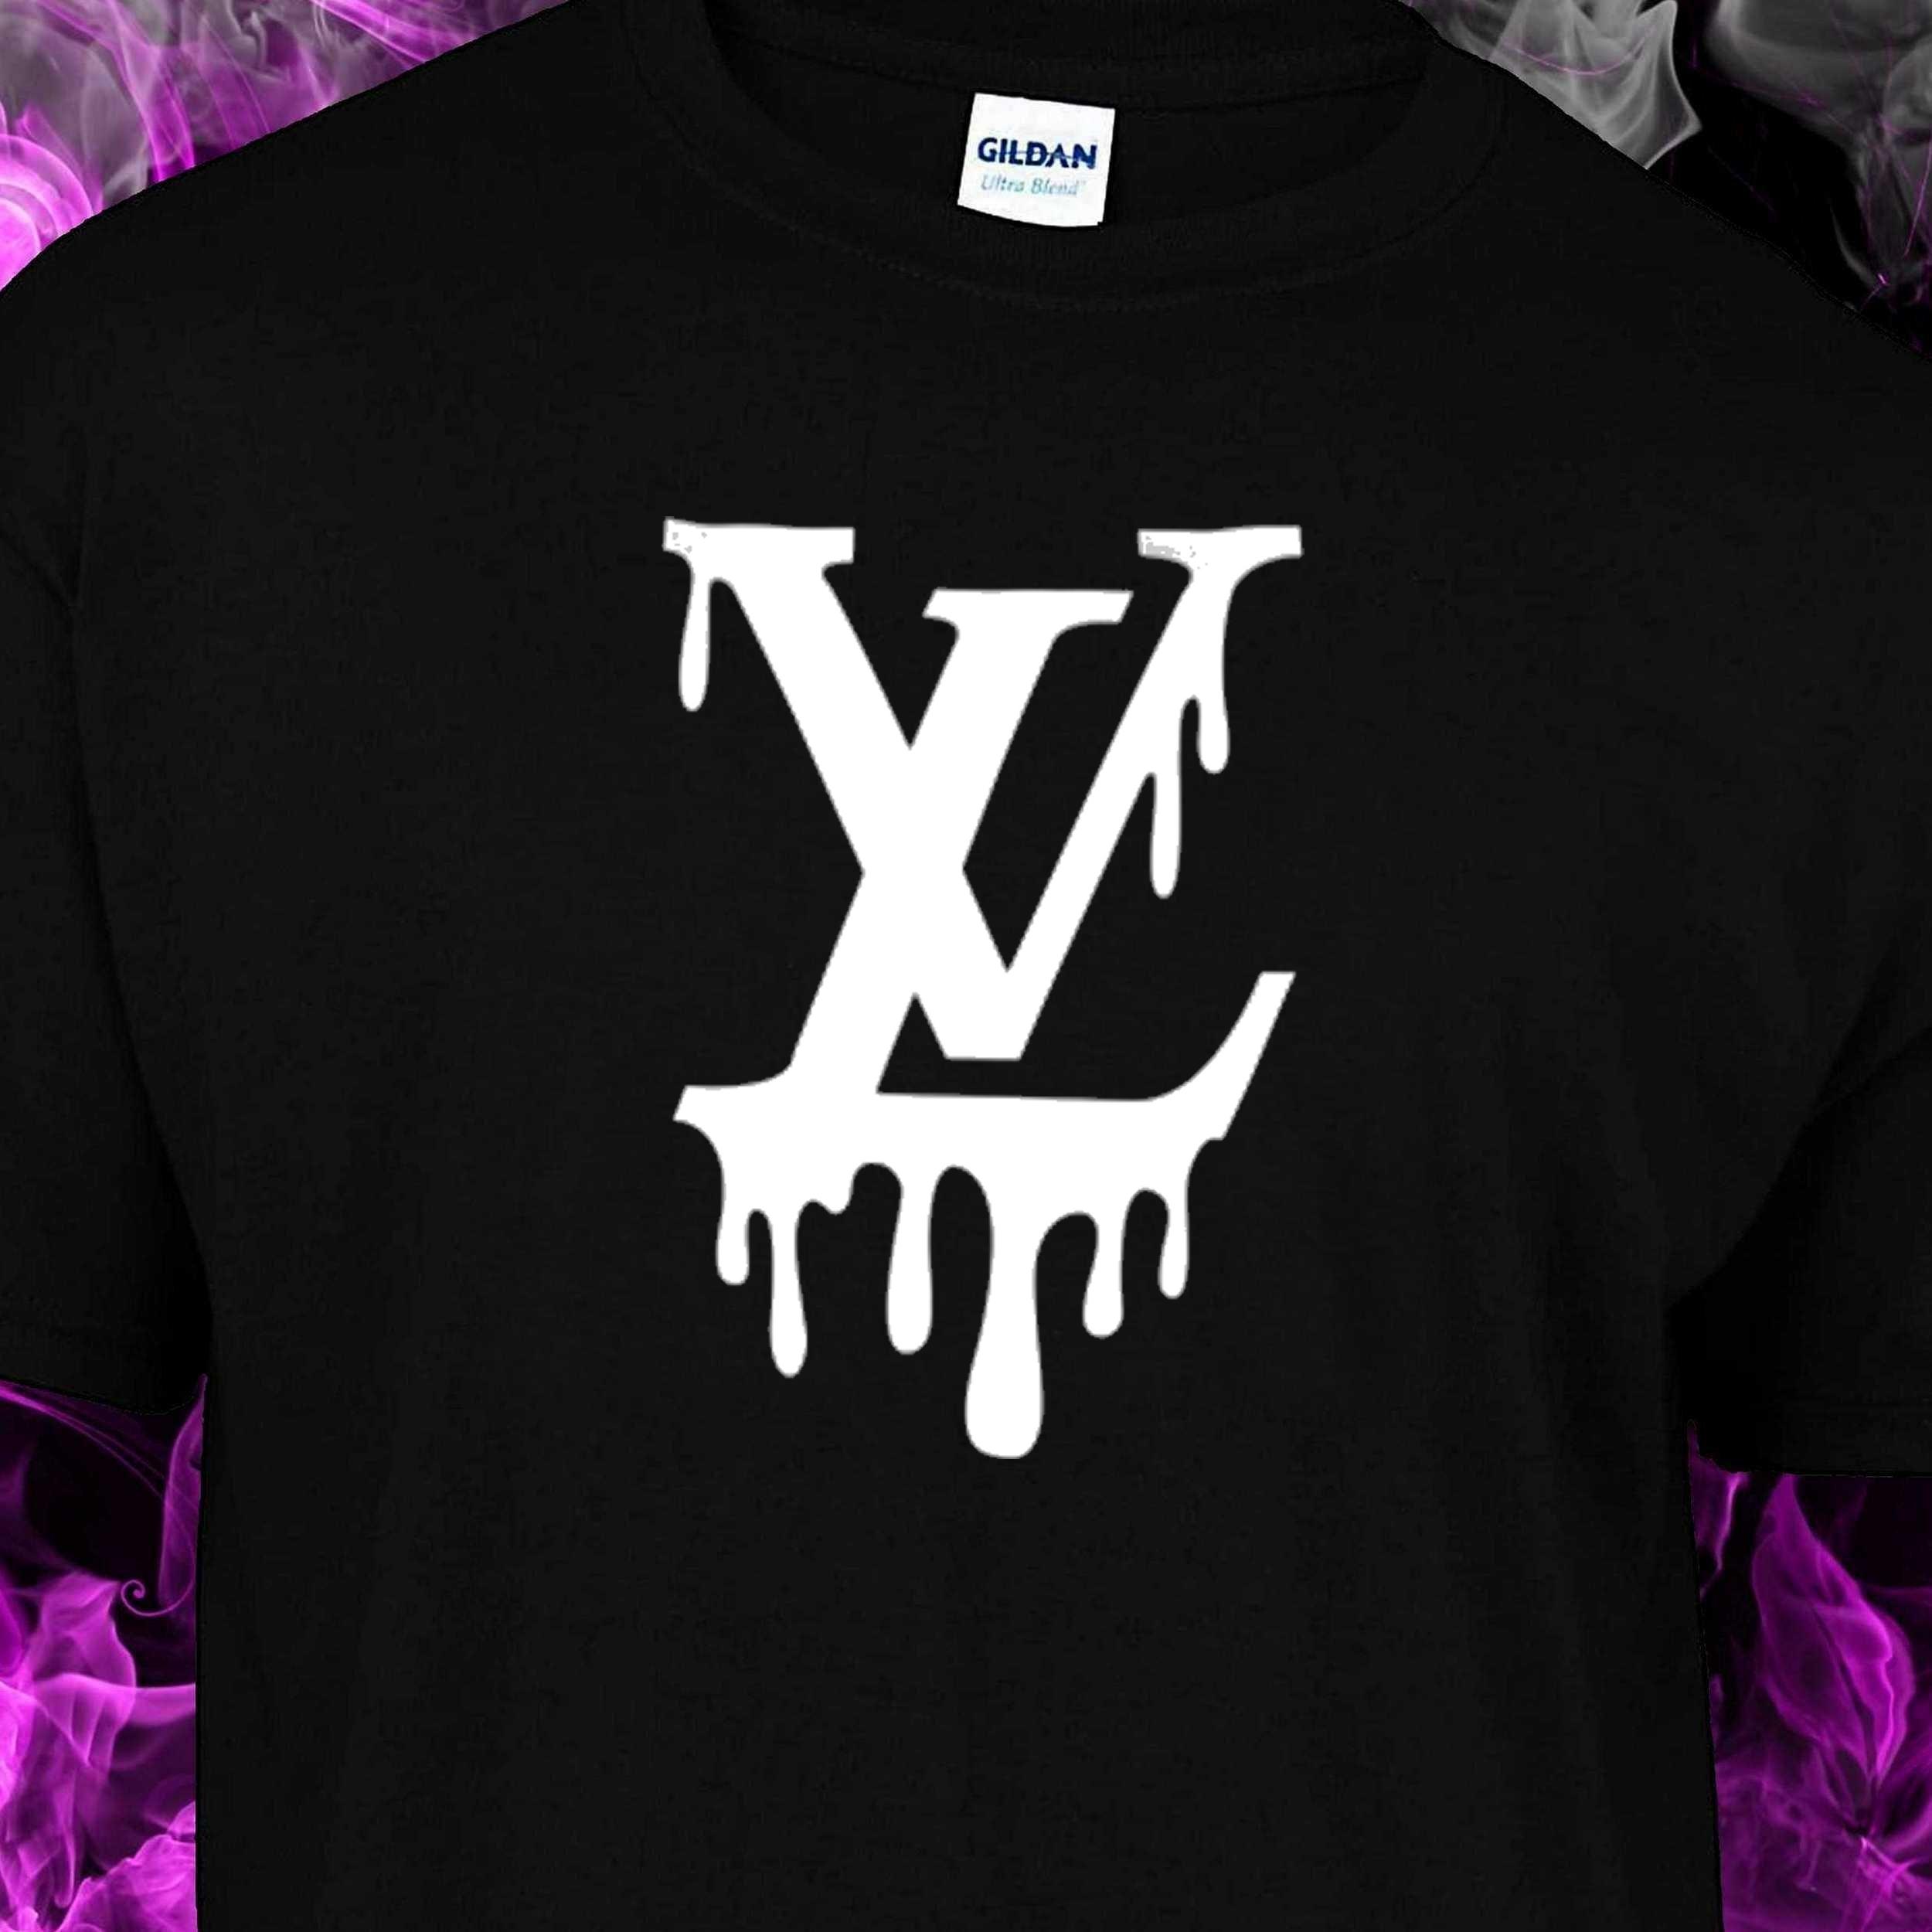 692d9dc40b Lord Vordemort / Louis Vuitton drip inspired – Tshirt – BLACK TSHIRT –  WHITE LOGO